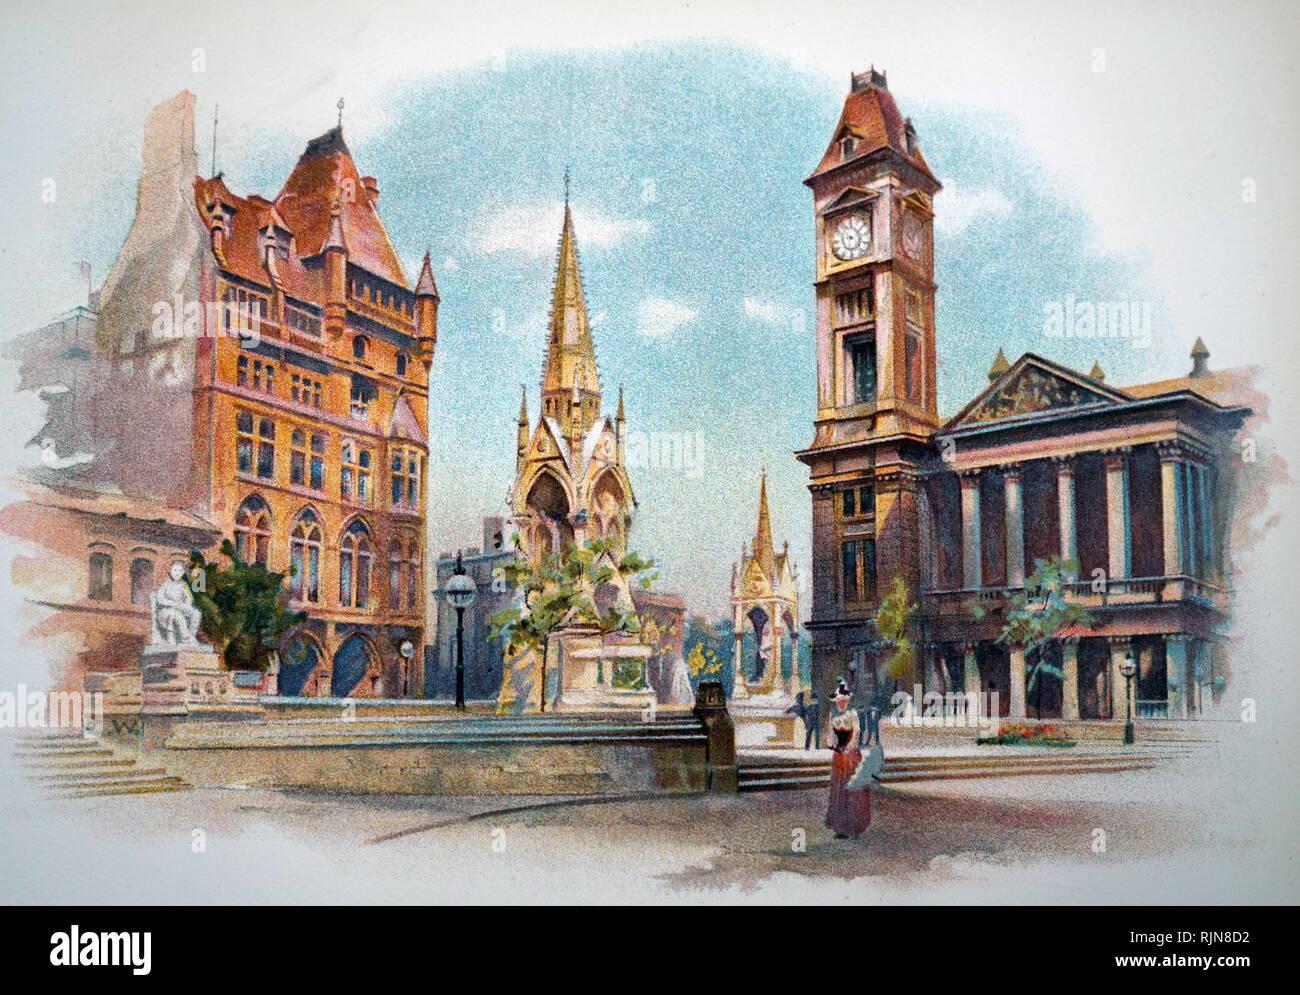 Une gravure représentant un Chamberlain Square, Birmingham, montrant l'école secondaire pour filles, le Chamberlain Memorial, et la Galerie d'Art (à gauche). En date du 19e siècle Banque D'Images